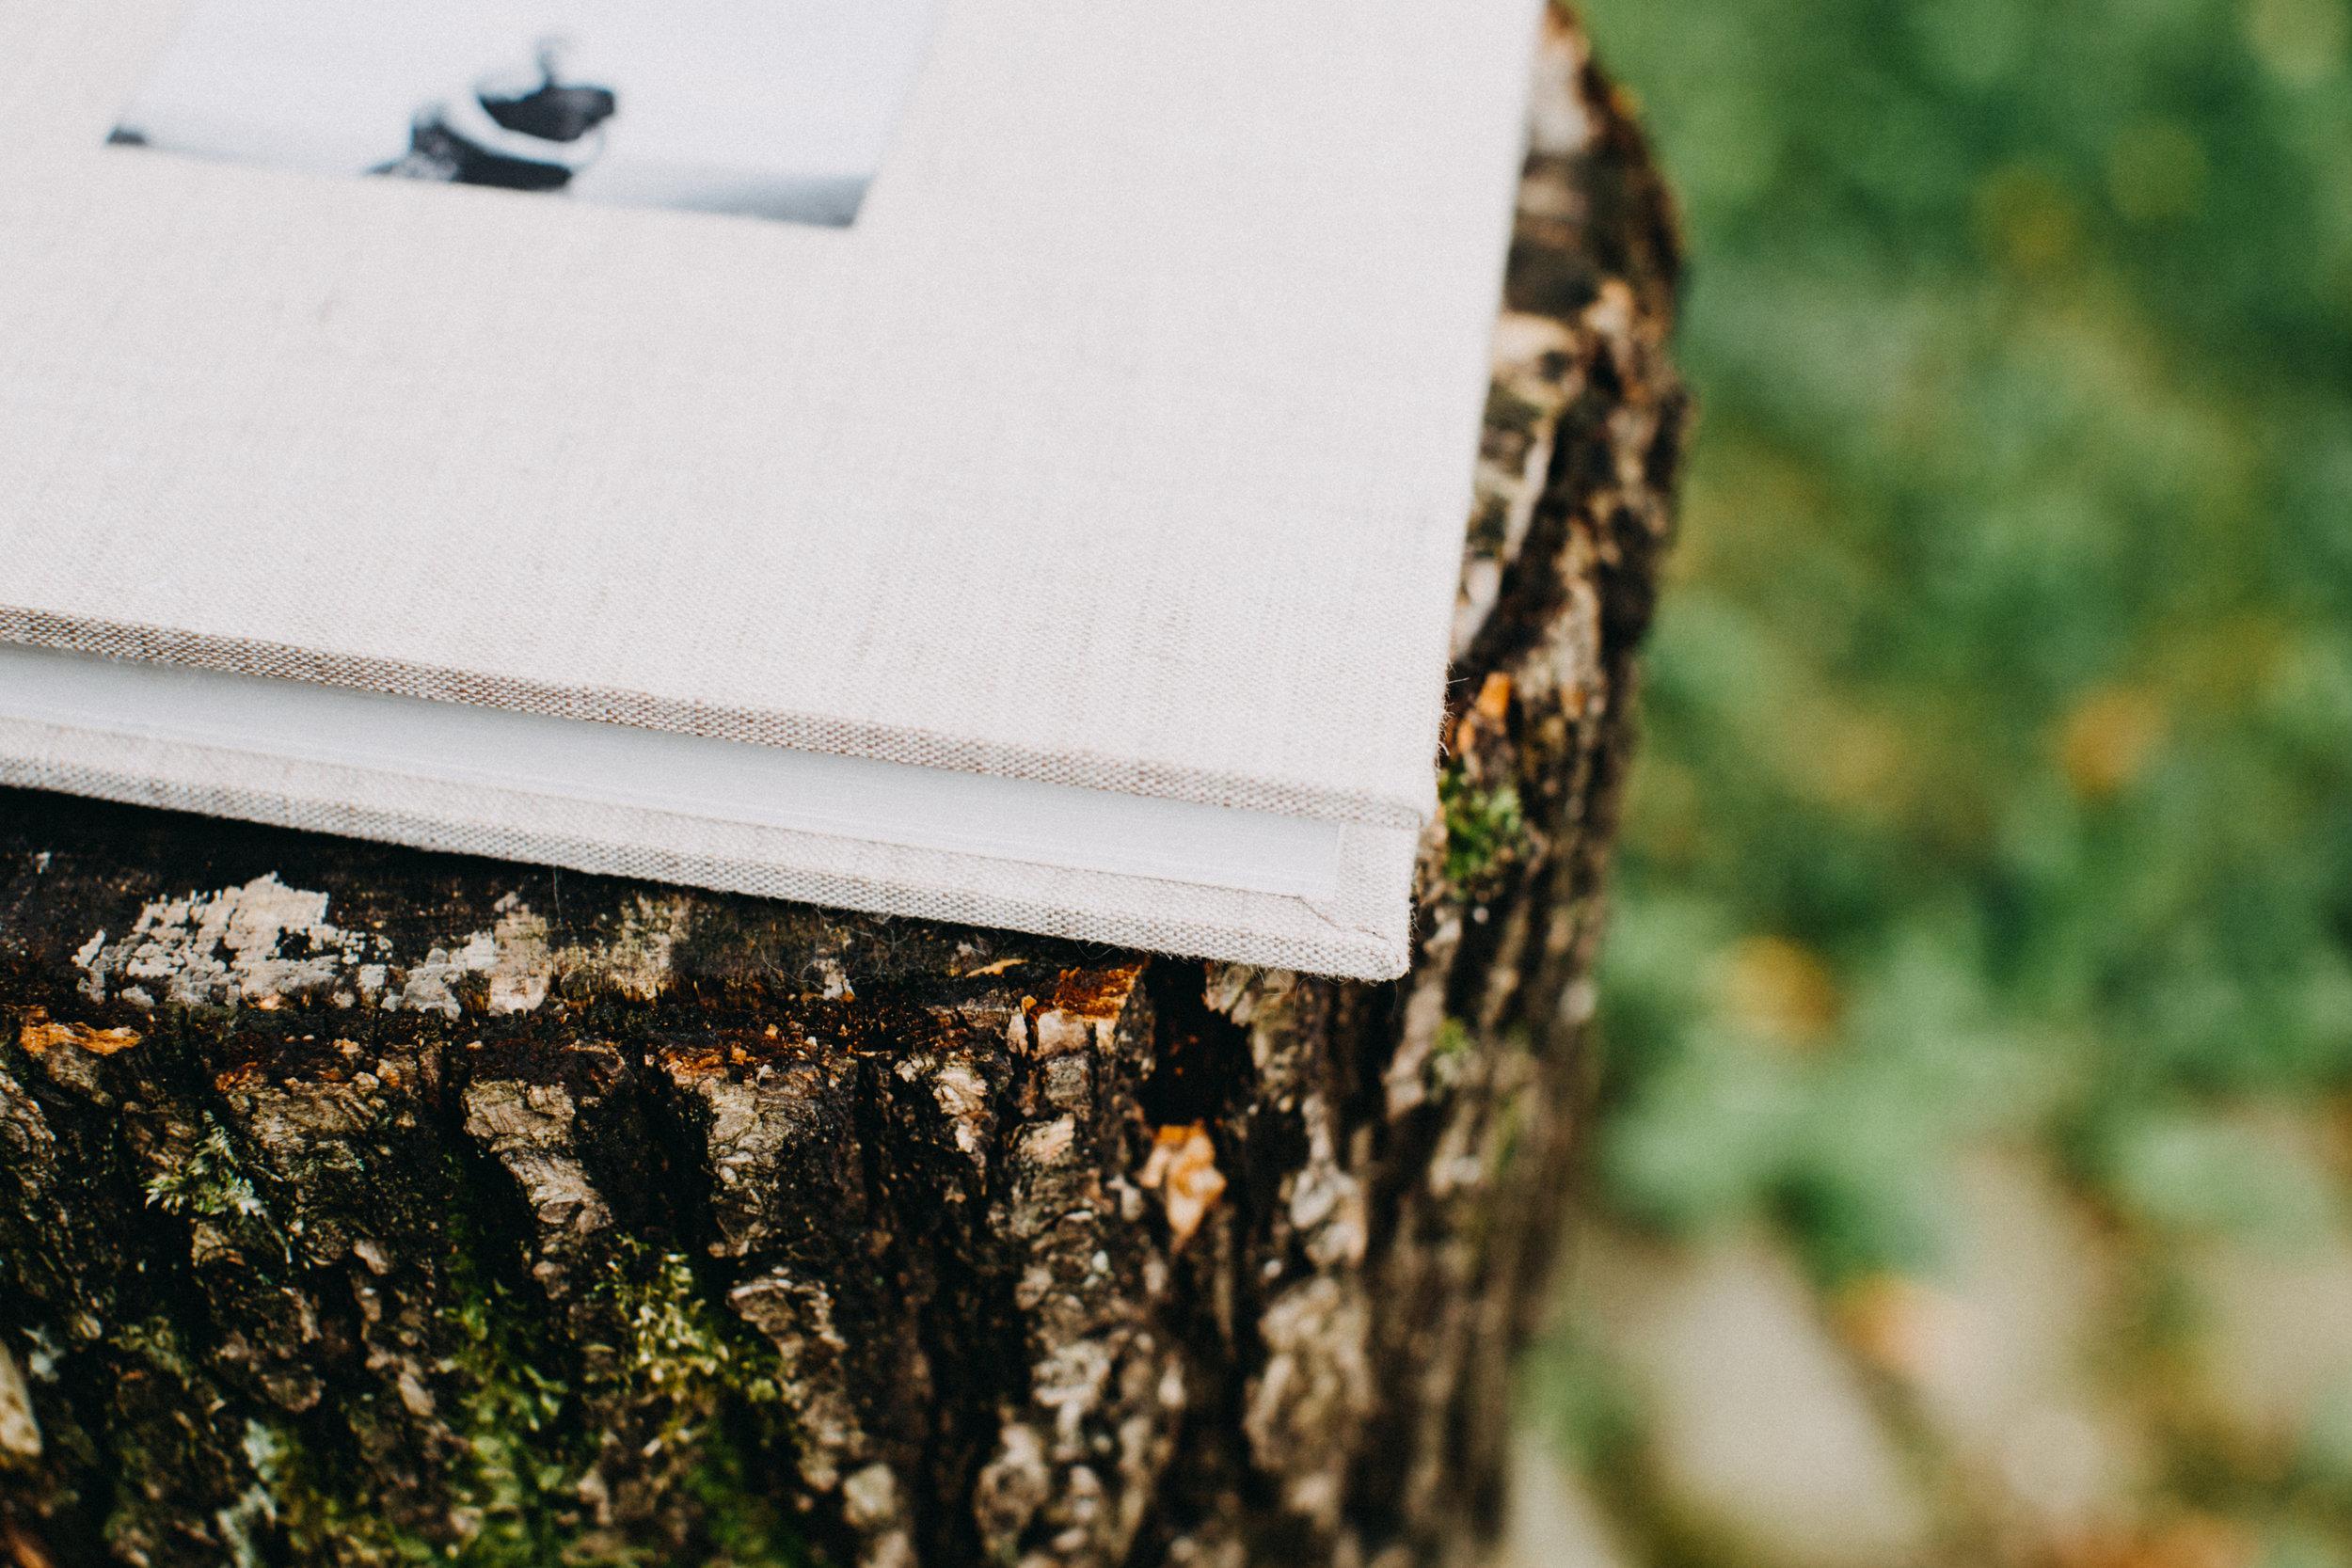 matt+paper+artbook+3+(1).jpg